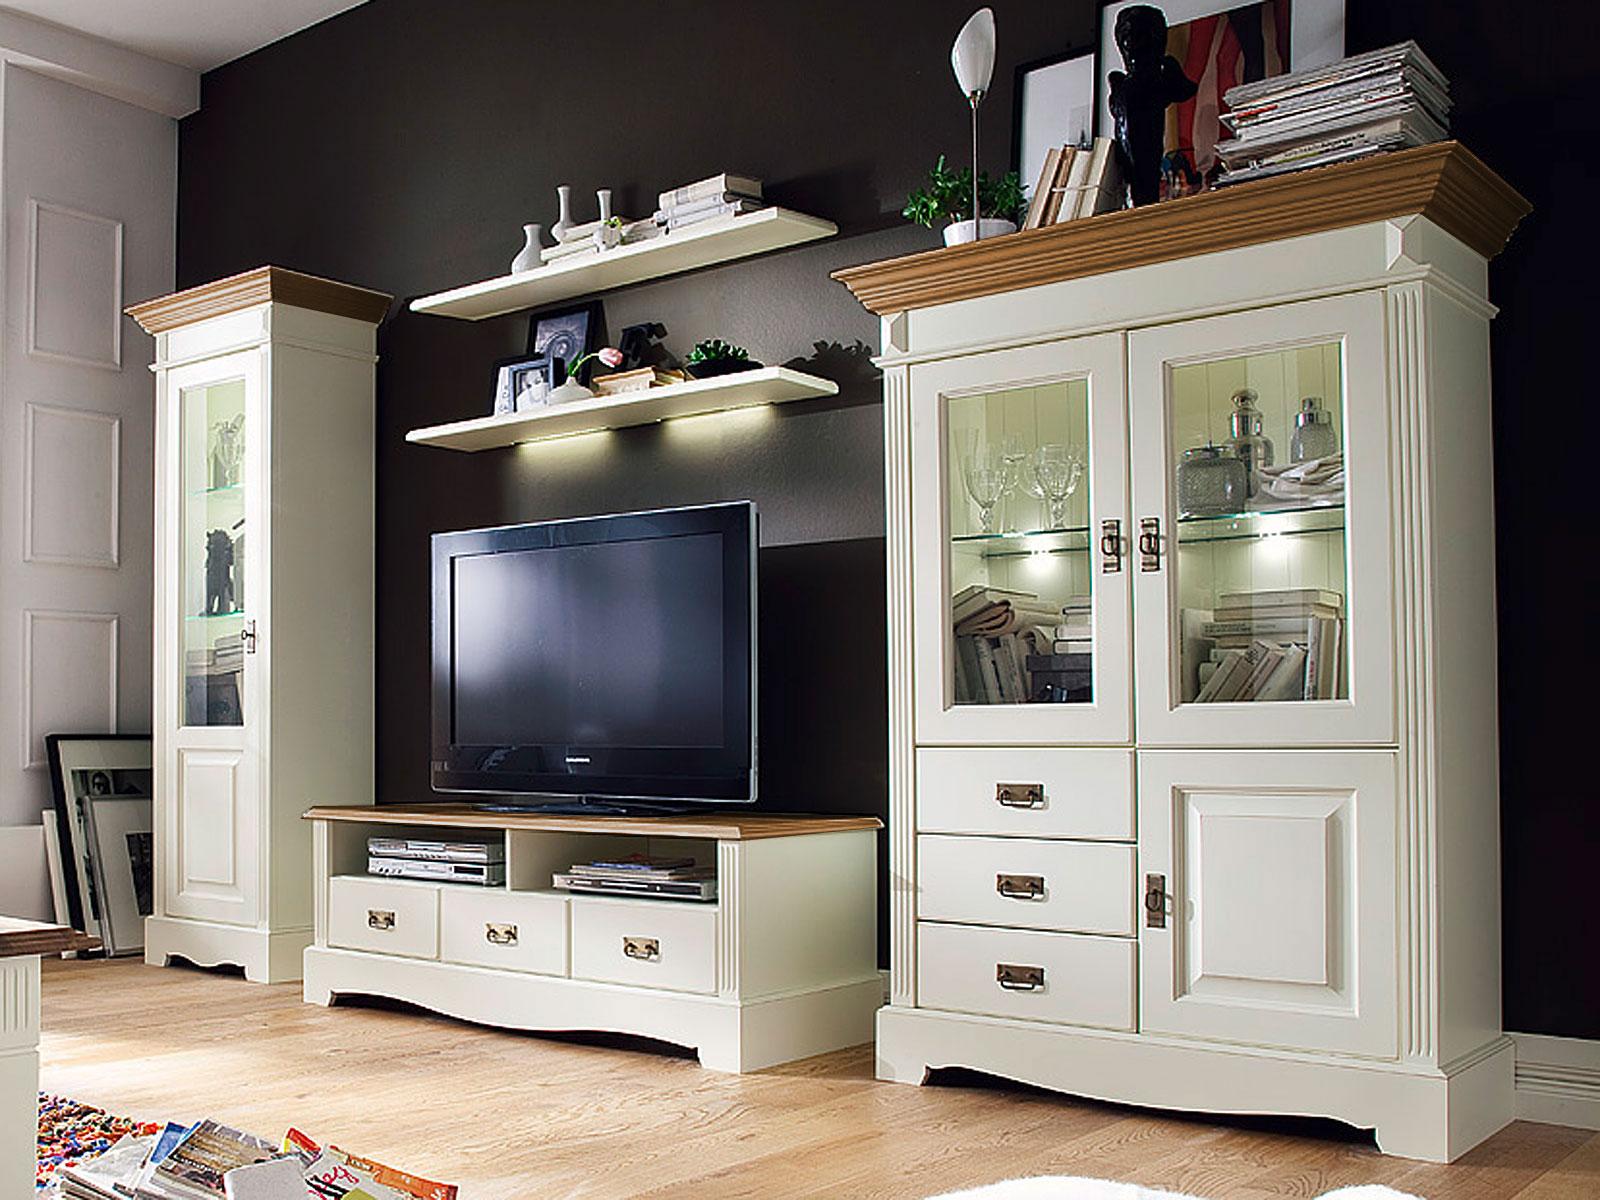 Wohnzimmerschranke Bei Ikea Wohnwand Spencer 5 Teilig Wohnen Wohnzimmerschranke